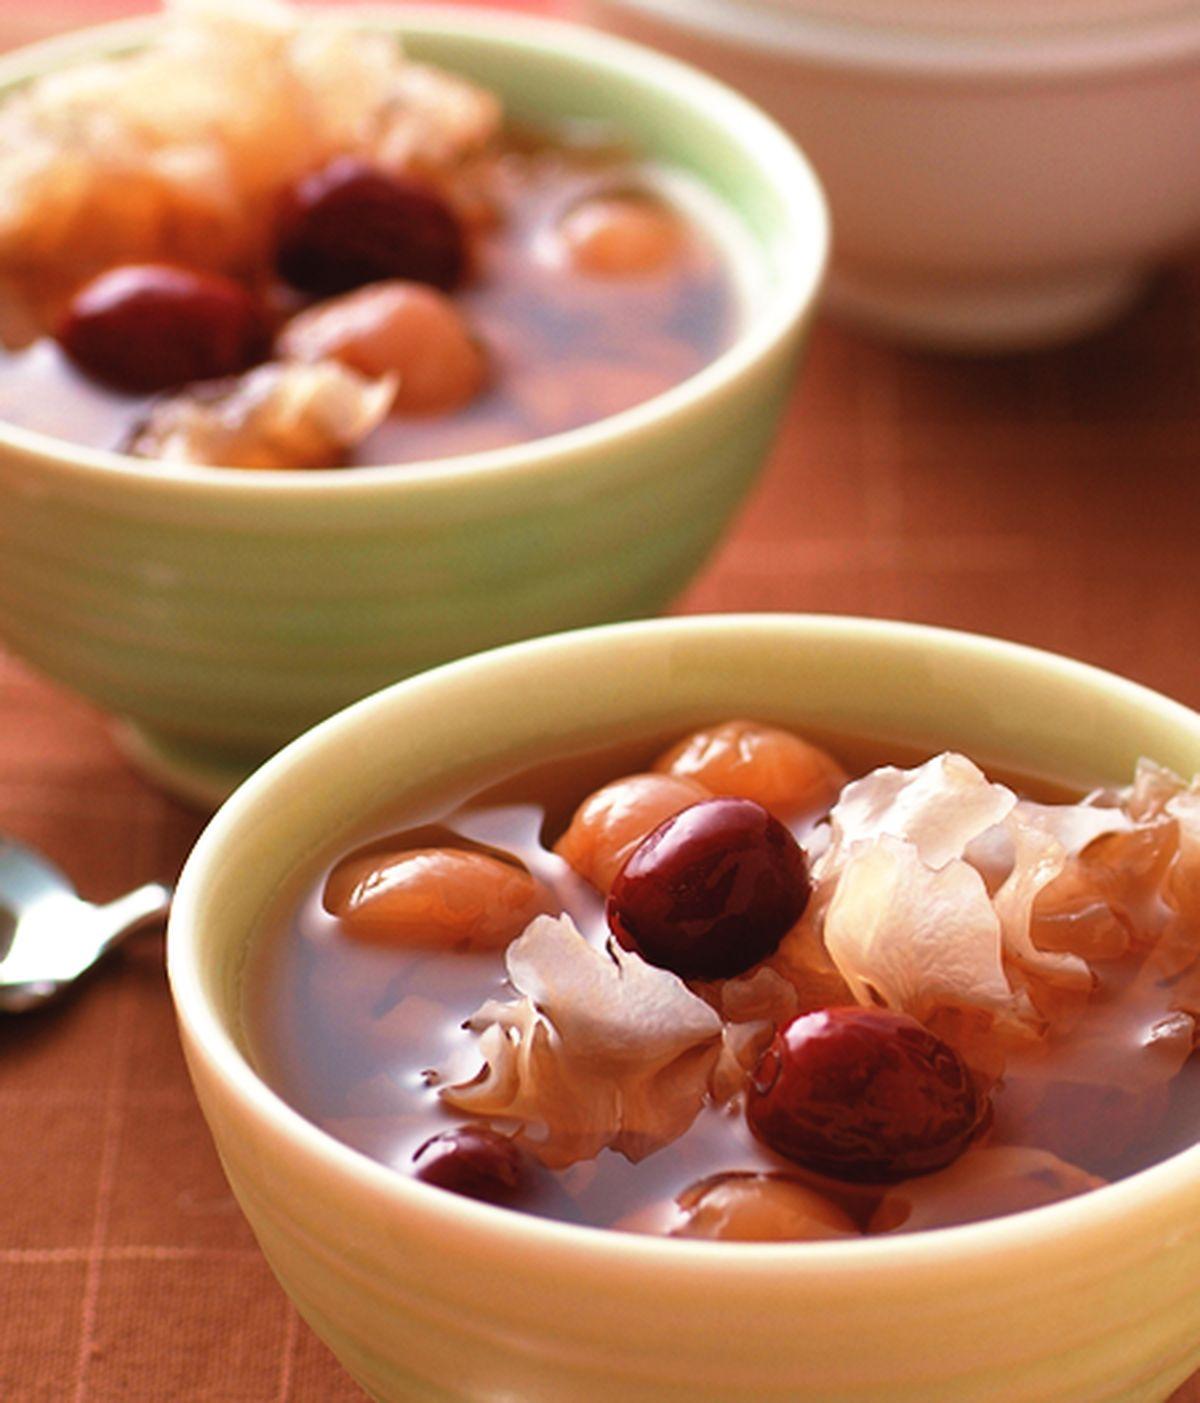 食譜:銀耳紅棗桂圓湯